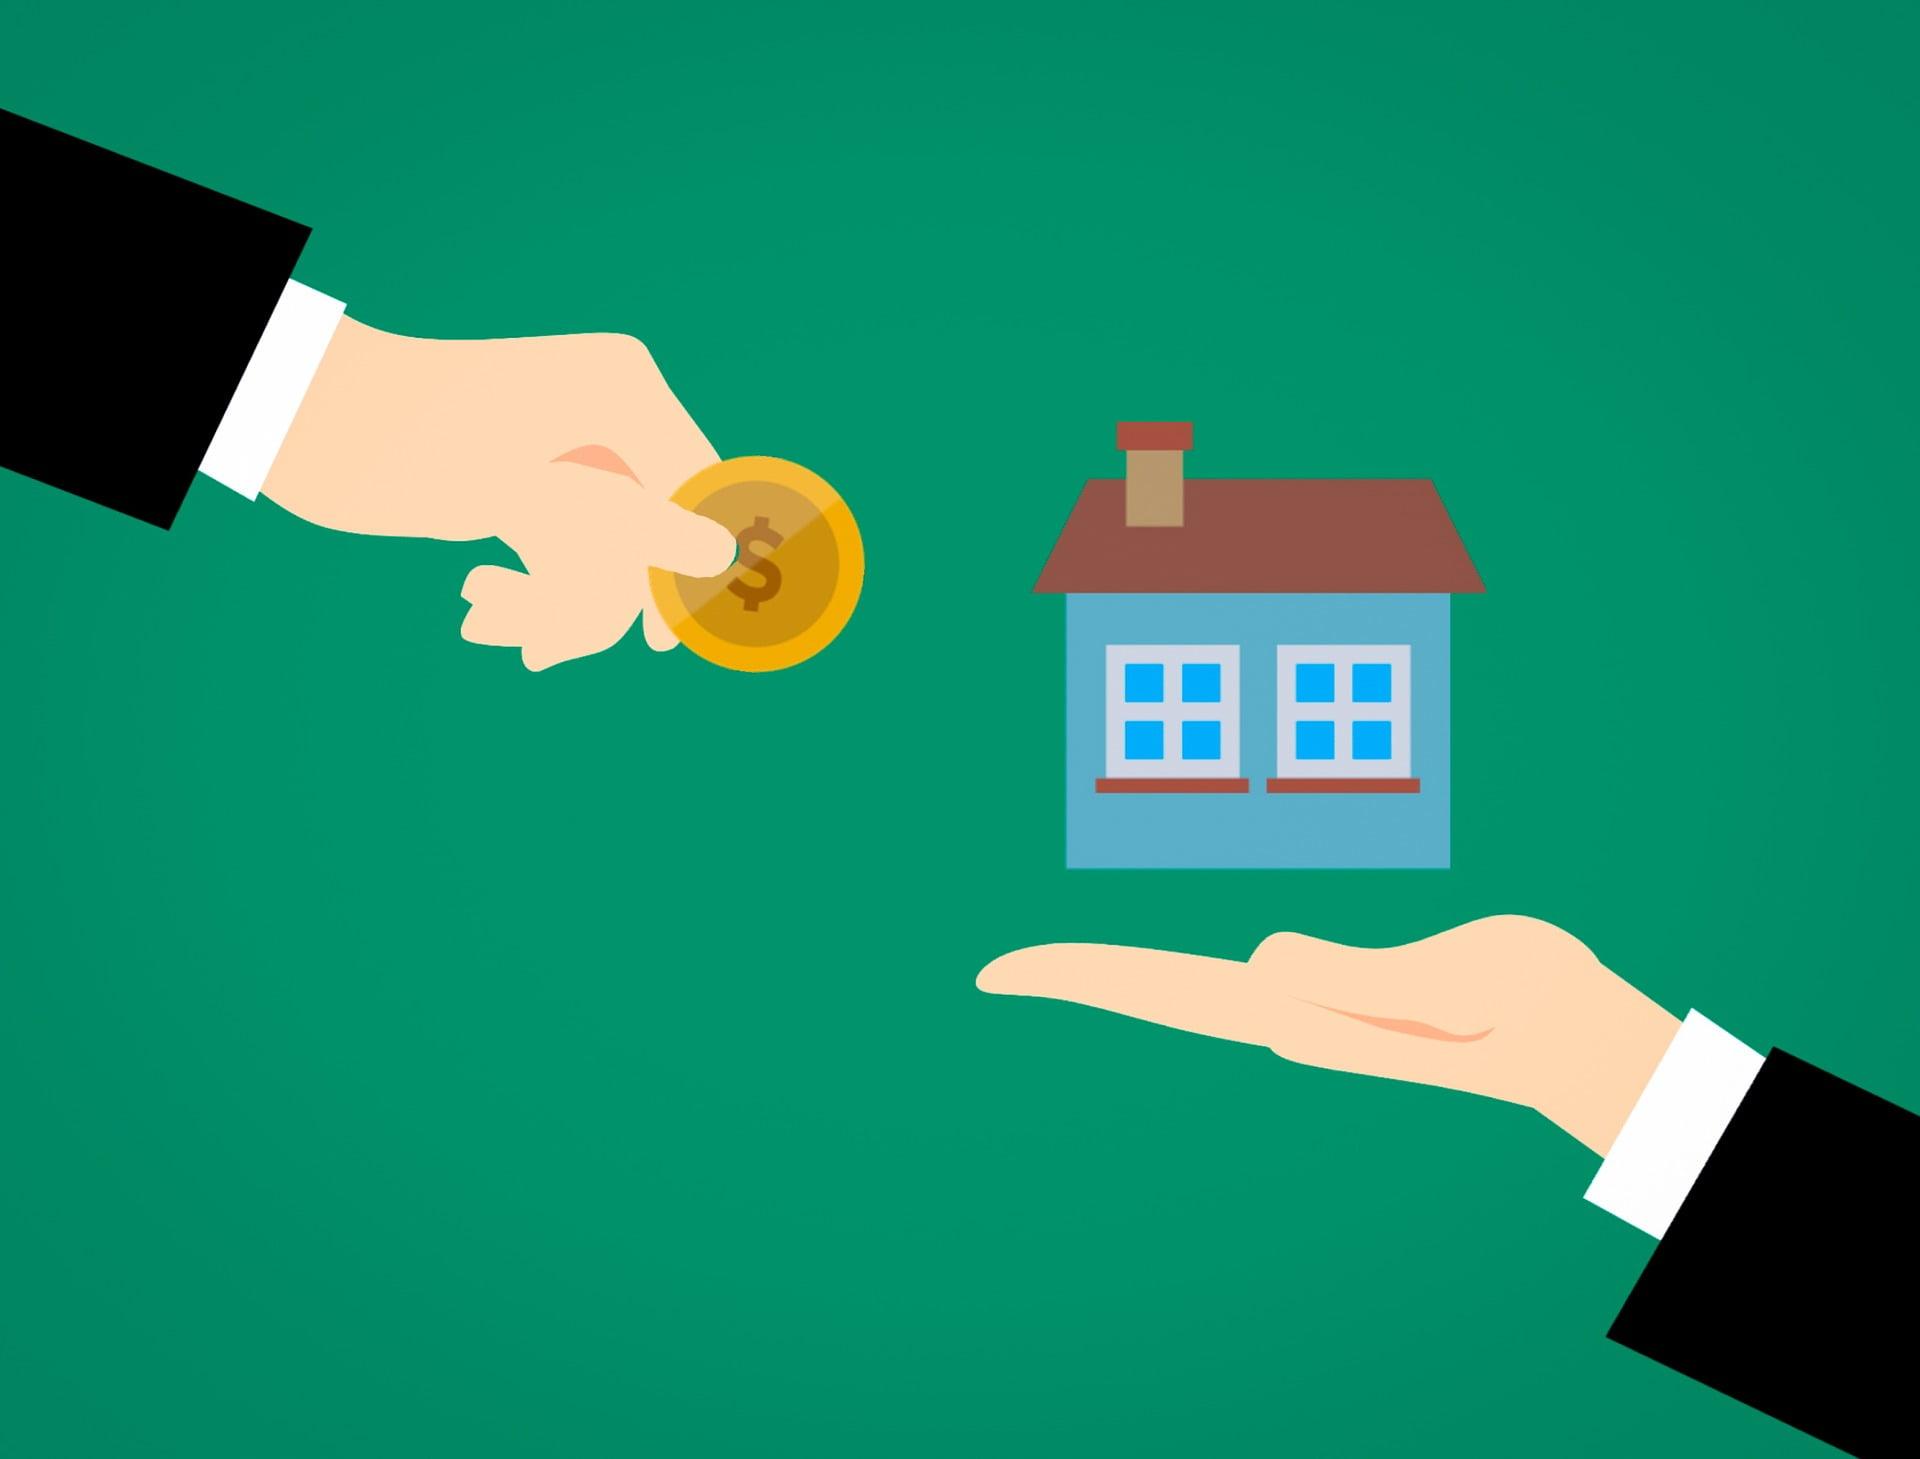 Hand geeft geld aan woning